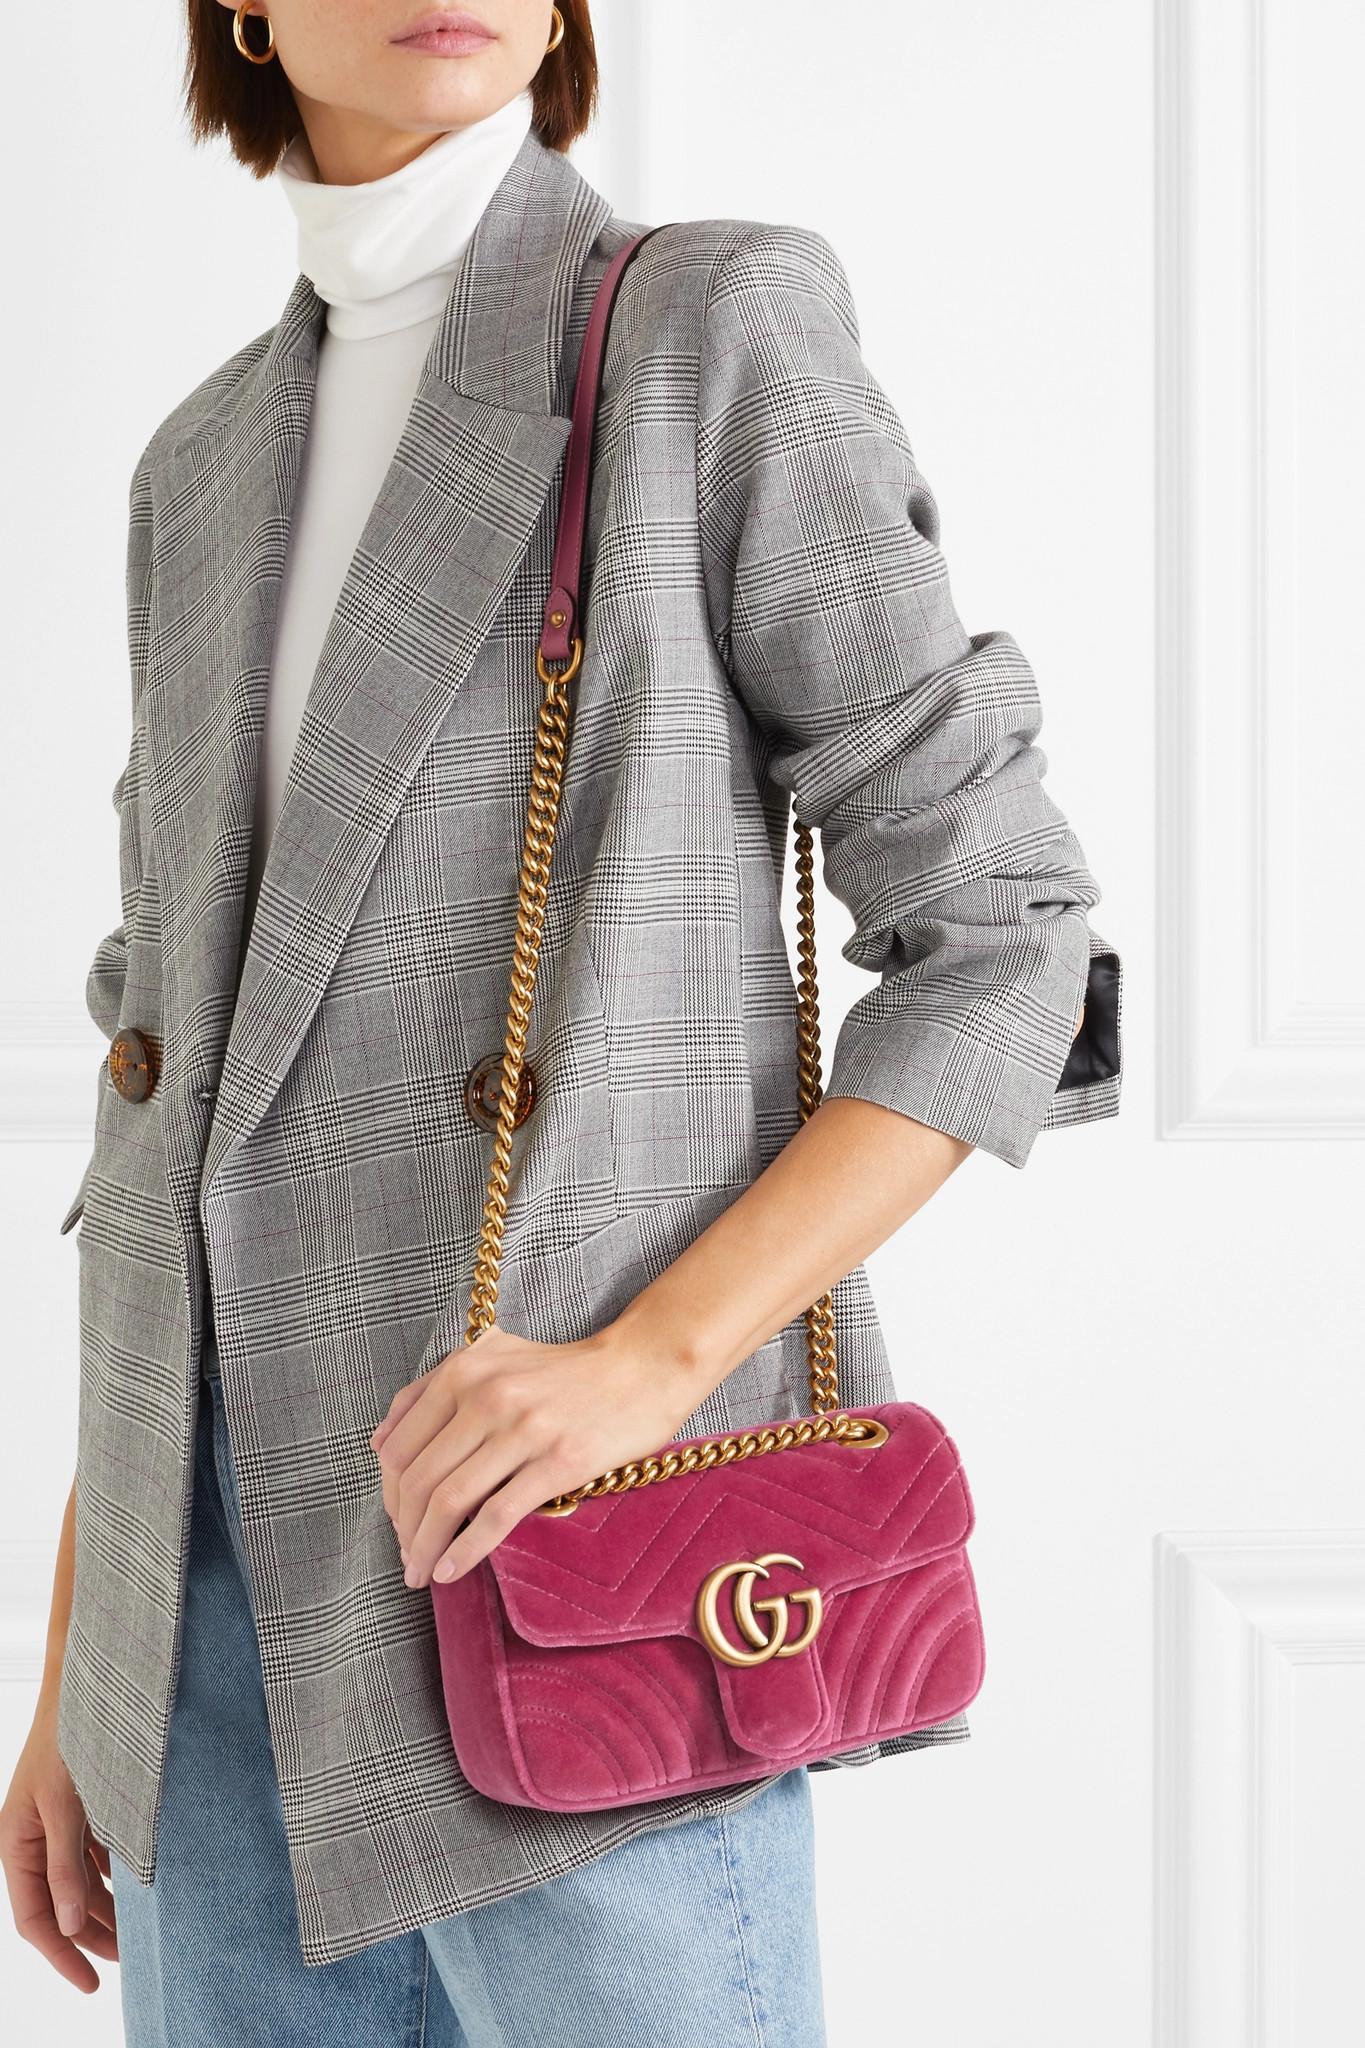 8d89af13ef2 Gucci - Pink Gg Marmont Mini Quilted Velvet Shoulder Bag - Lyst. View  fullscreen